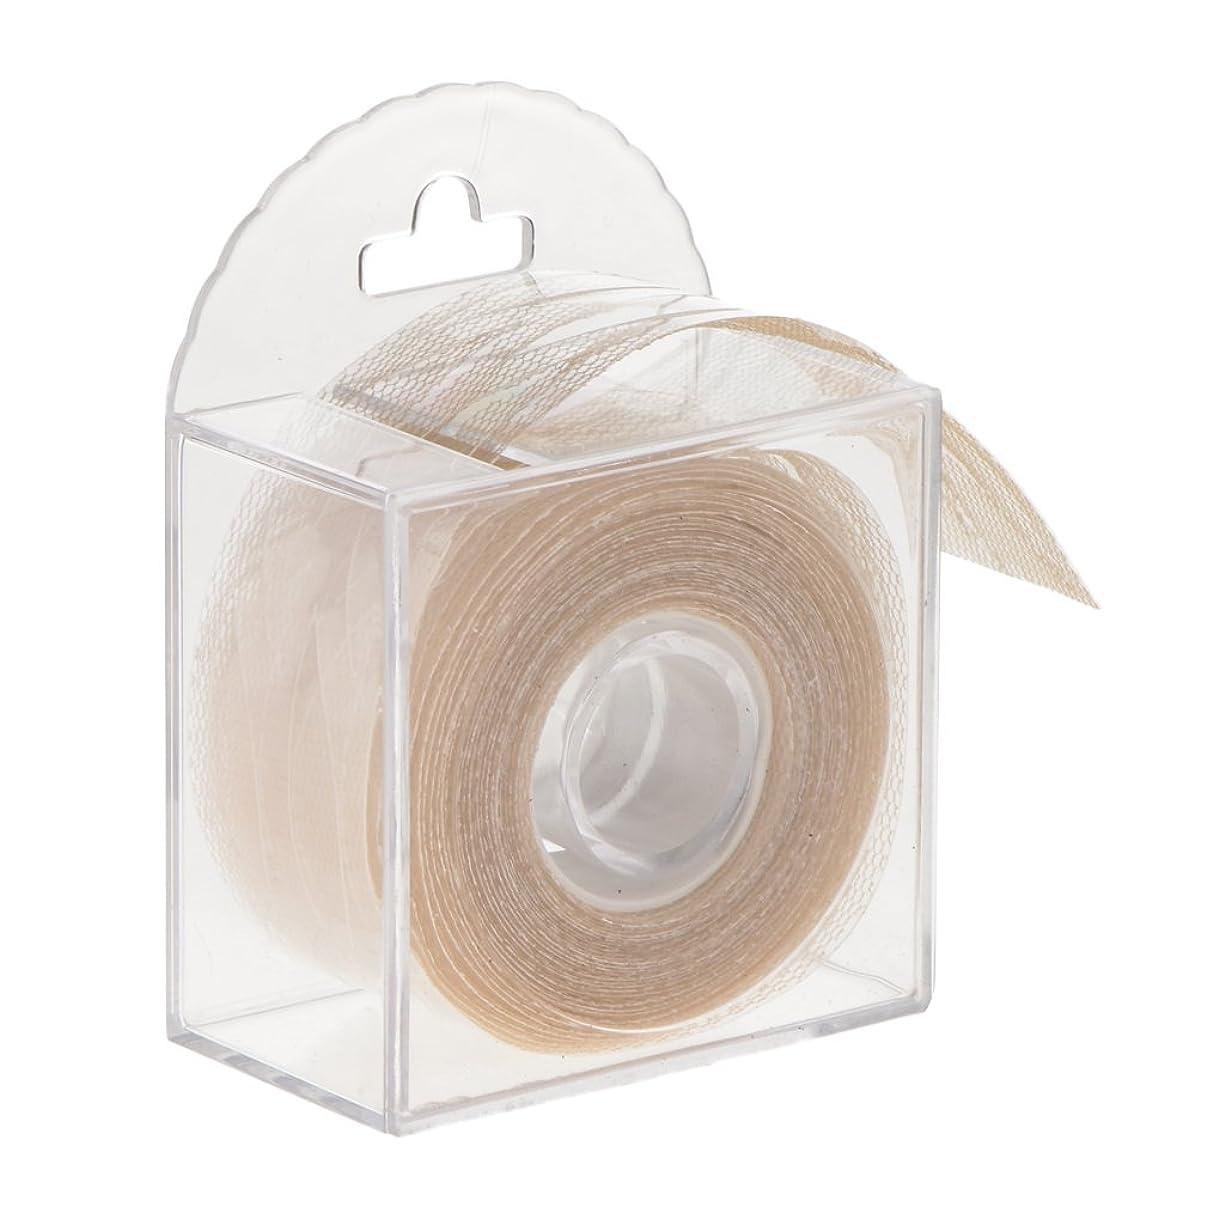 クロール偶然の悪の240ピース自然の目に見えないアイリフトストリップ二重まぶた粘着テープステッカー - 大